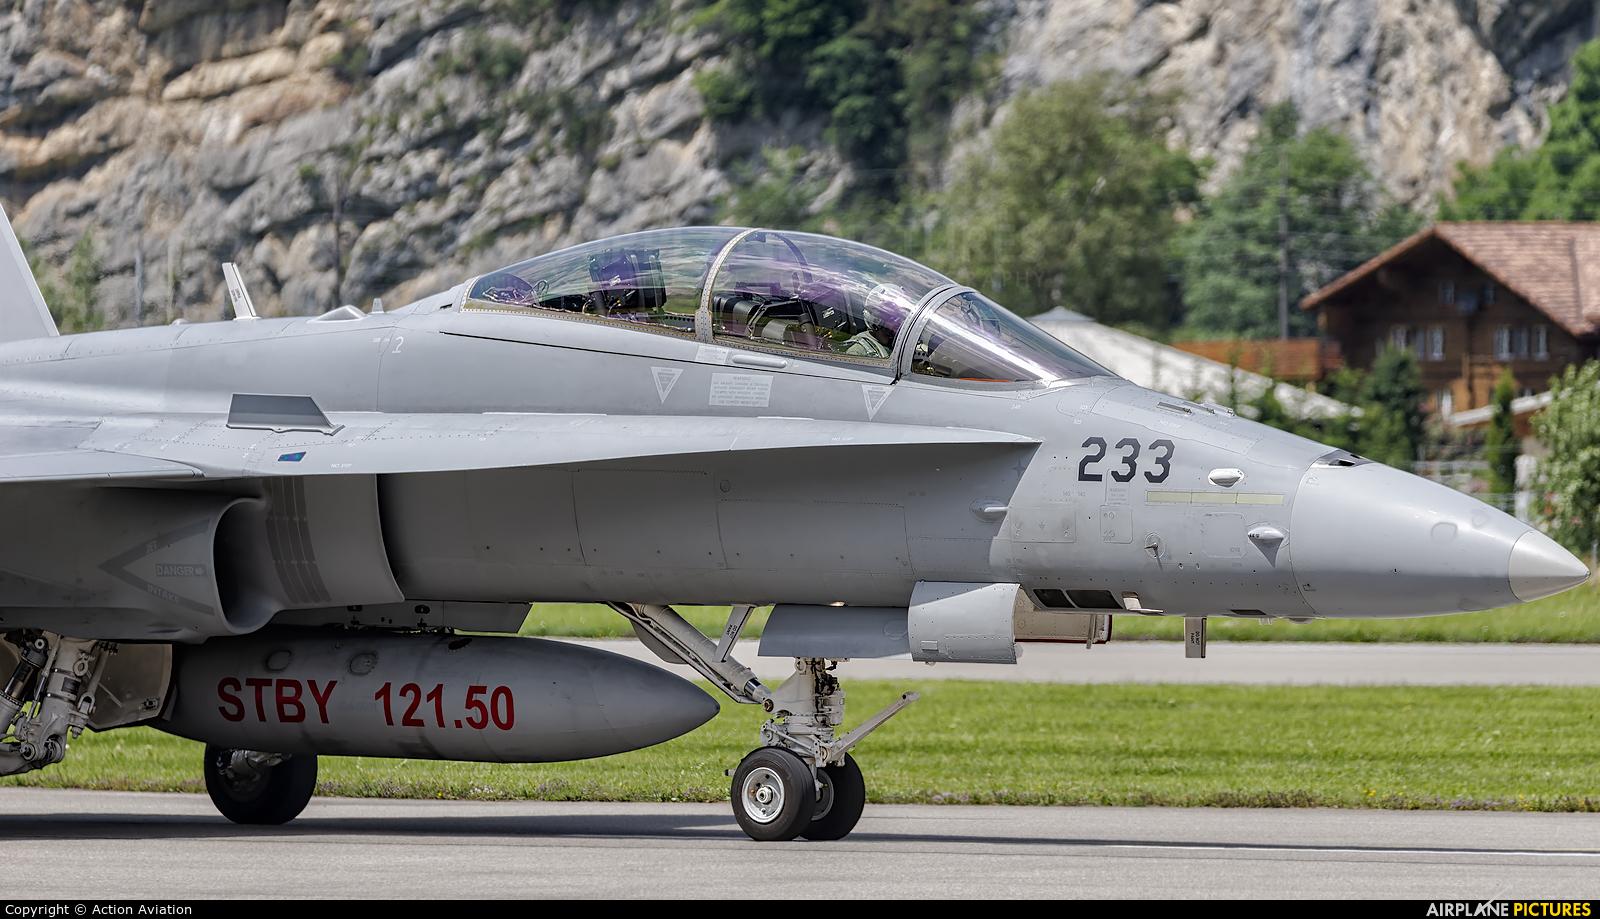 Switzerland - Air Force J-5233 aircraft at Meiringen